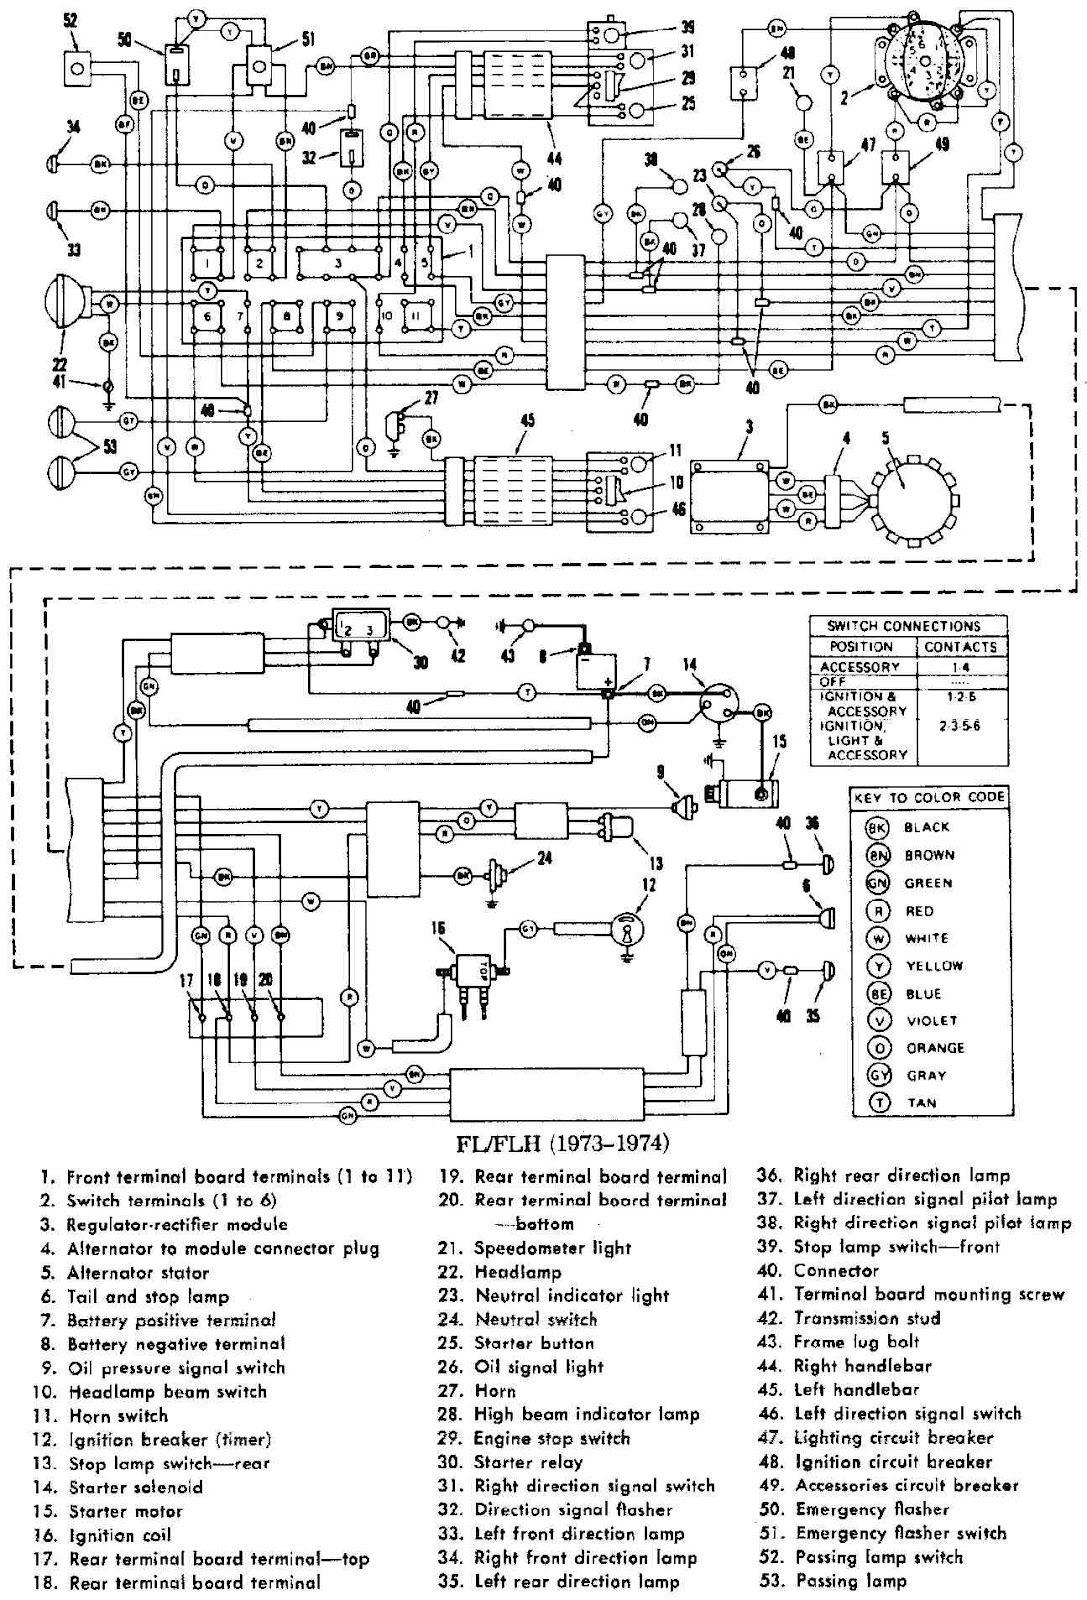 harley davidson electric wiring diagram wiring diagram centre 1968 harley davidson wiring diagram [ 1087 x 1600 Pixel ]